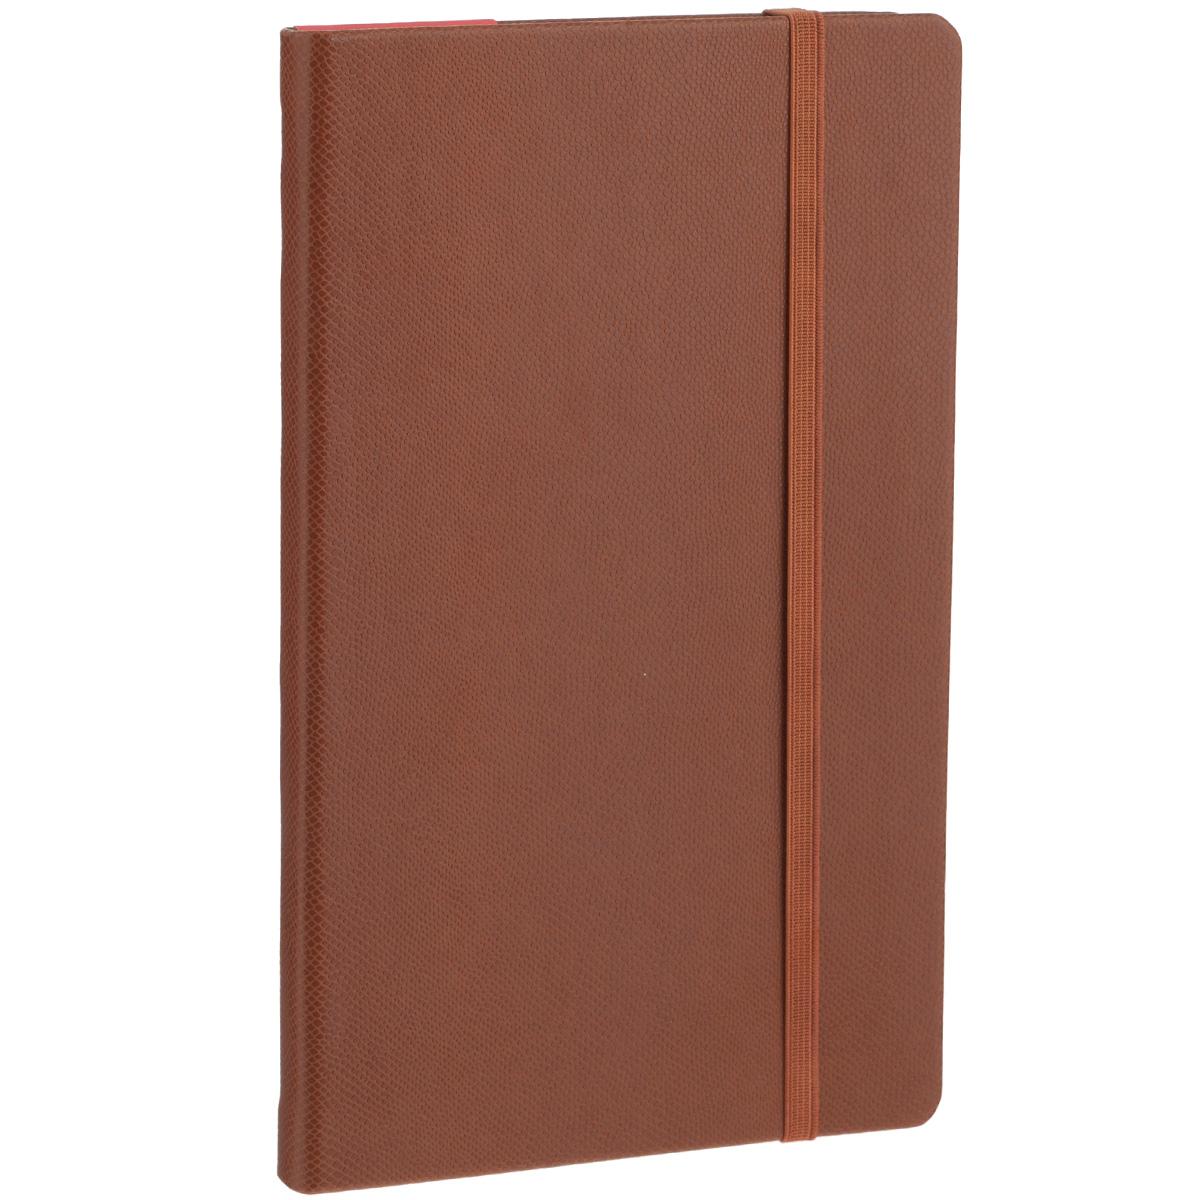 Записная книжка Erich Krause Salamandra, цвет: коричневый, 96 листов36763Записная книжка Erich Krause Salamandra - это дополнительный штрих к вашему имиджу. Демократичная в своем содержании, книжка может быть использована не только для личных пометок и записей, но и как недатированный ежедневник. Надежная твердая обложка из плотного картона, обтянутого искусственной кожей с тиснением под рептилию, сохранит ее в аккуратном состоянии на протяжении всего времени использования. Плотная в линейку бумага белого цвета, закладка-ляссе, практичные скругленные углы, эластичная петелька для ручки и внутренний бумажный карман на задней обложке - все это обеспечит вам истинное удовольствие от письма. В начале книжки имеется страничка для заполнения личных данных владельца, четыре страницы для заполнения адресов, телефонов и интернет-почты и четыре страницы для заполнения сайтов и ссылок. Благодаря небольшому формату книжку легко взять с собой. Записная книжка плотно закрывается при помощи фиксирующей резинки.